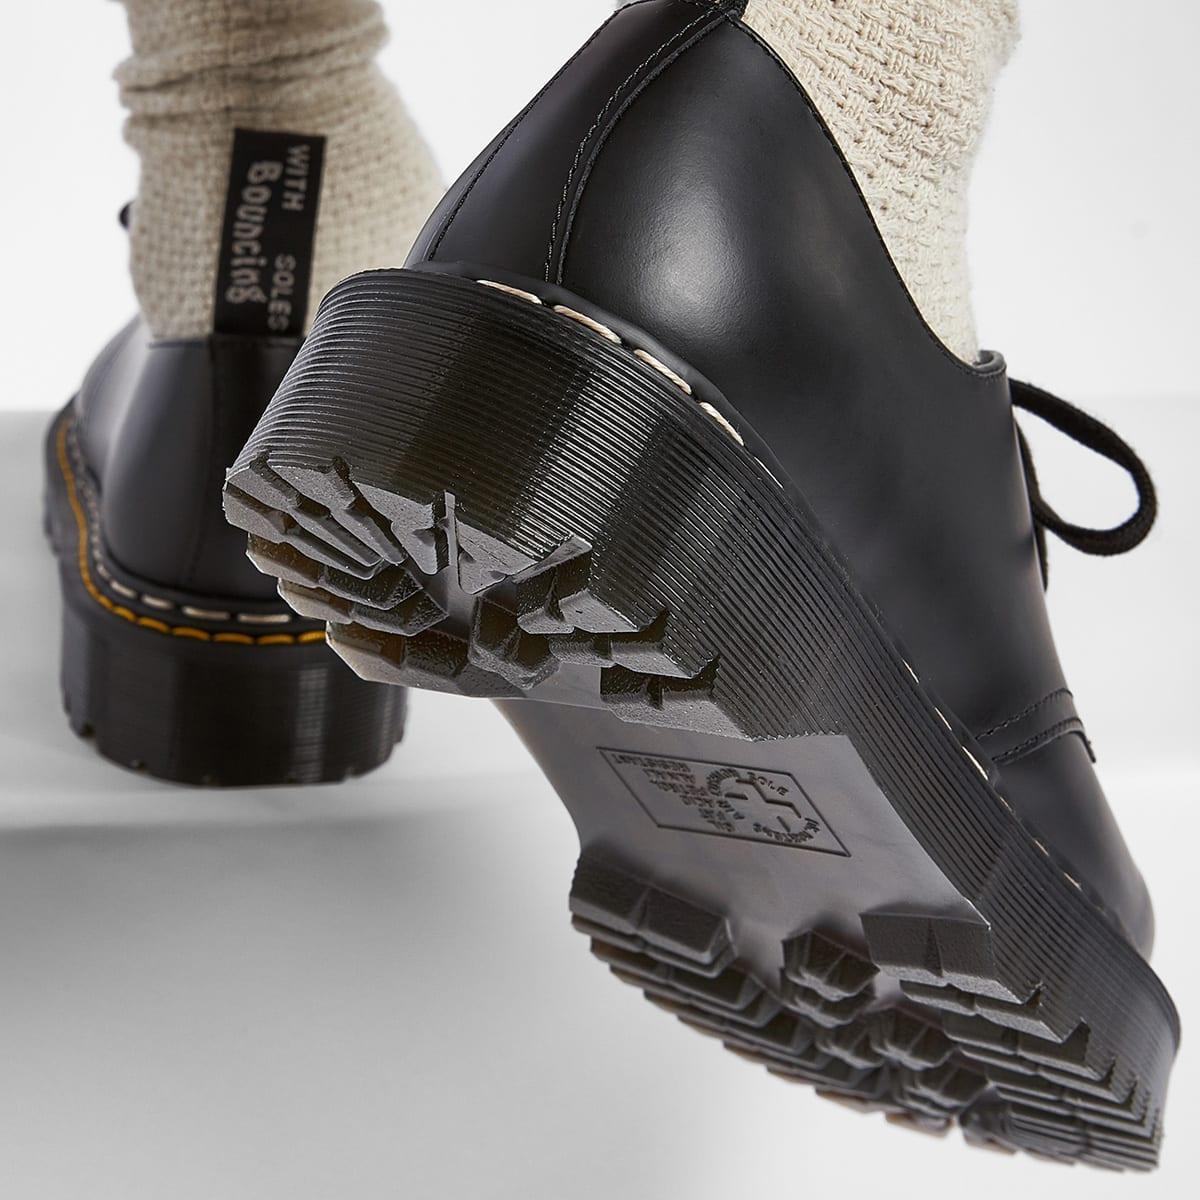 Rick Owens x Dr. Martens Derby Shoes - DM21-S6805-6001-BK